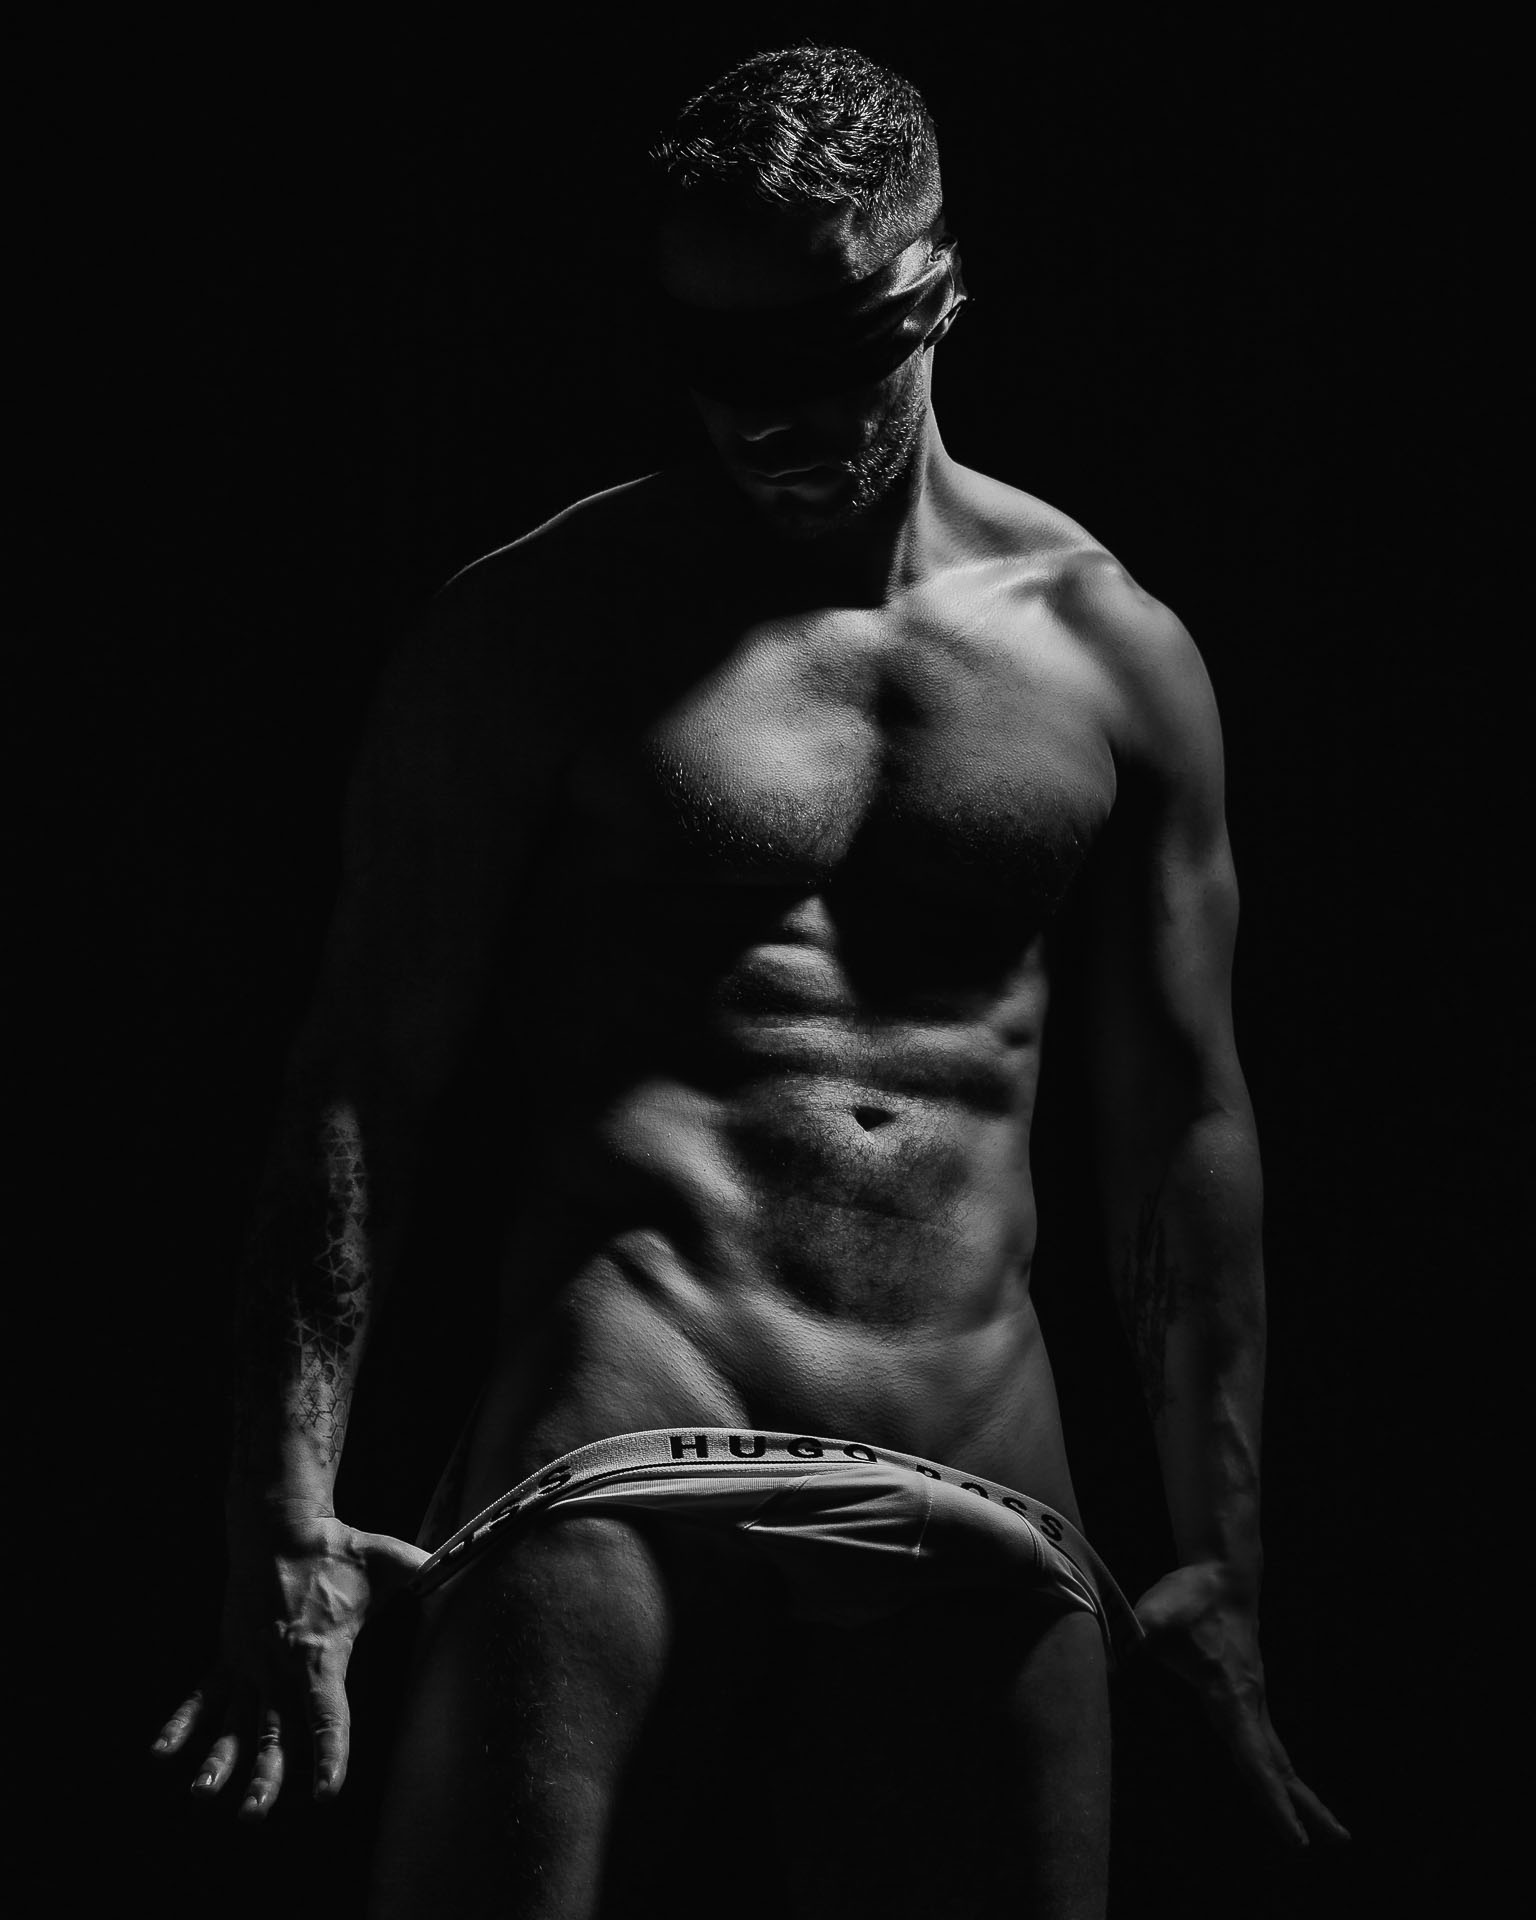 erotisches Männershooting, Mann mit einem Sixpack und Unterhose und in einer erotischen Pose